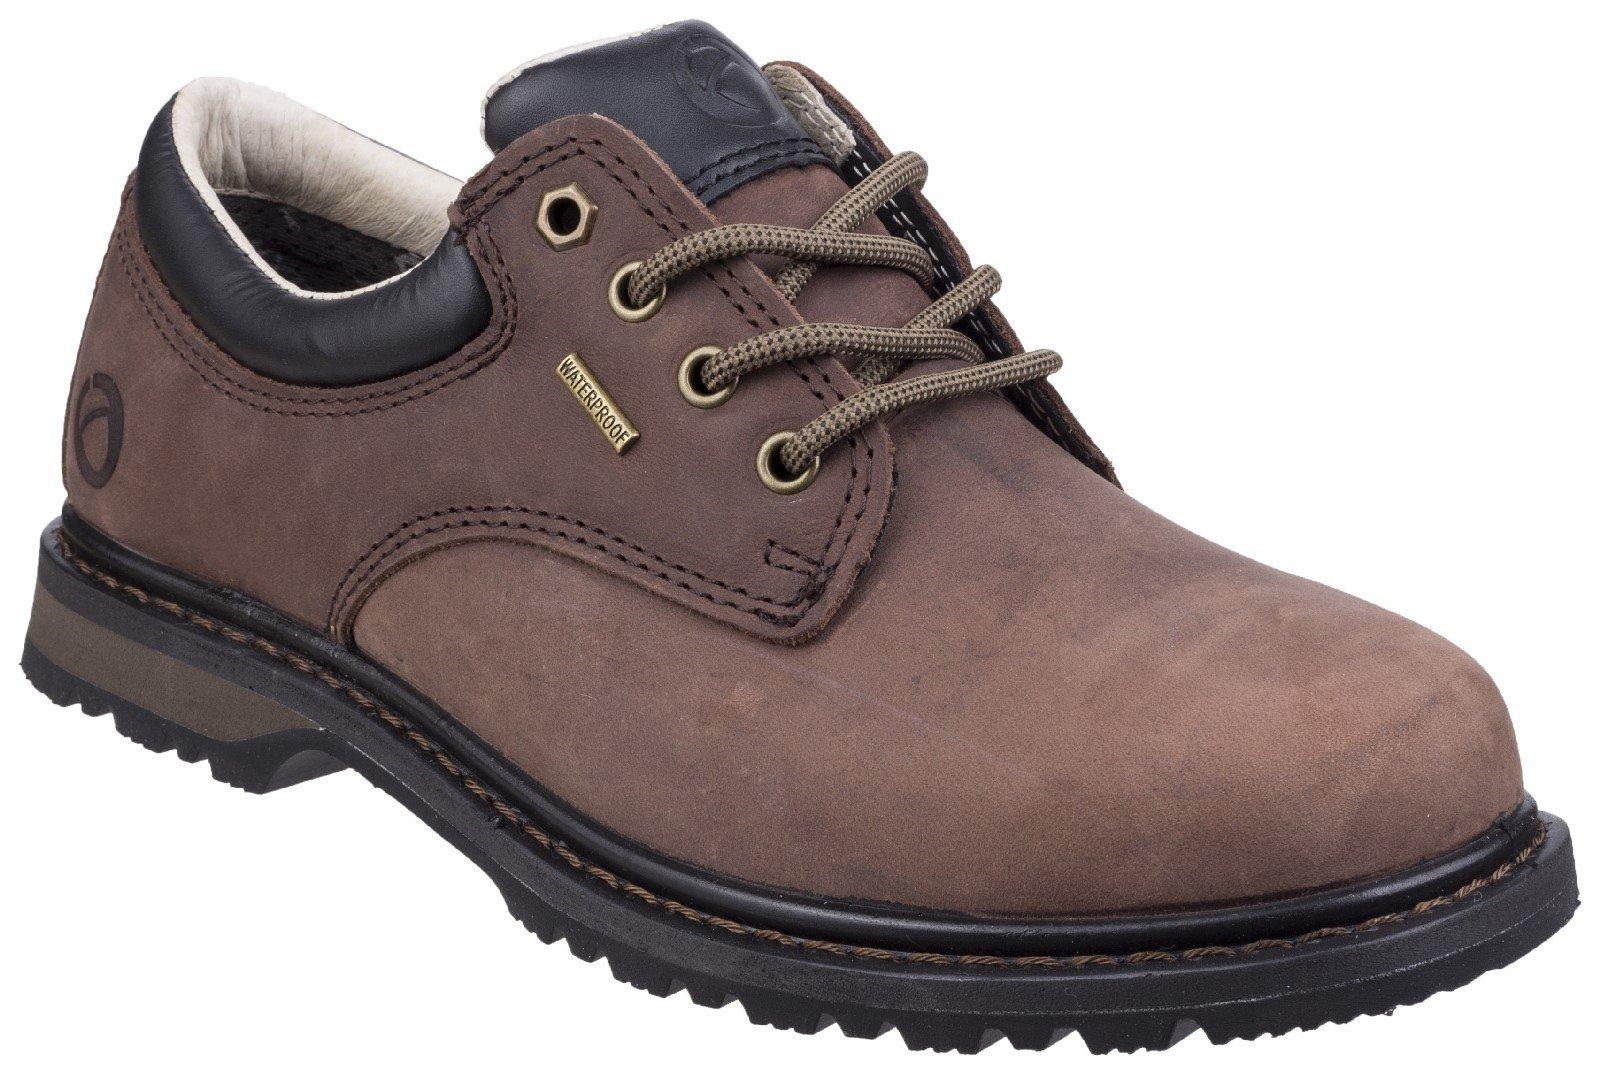 Cotswold Men's Stonesfield Hiking Shoe Various Colours 23597 - Crazy horse 7